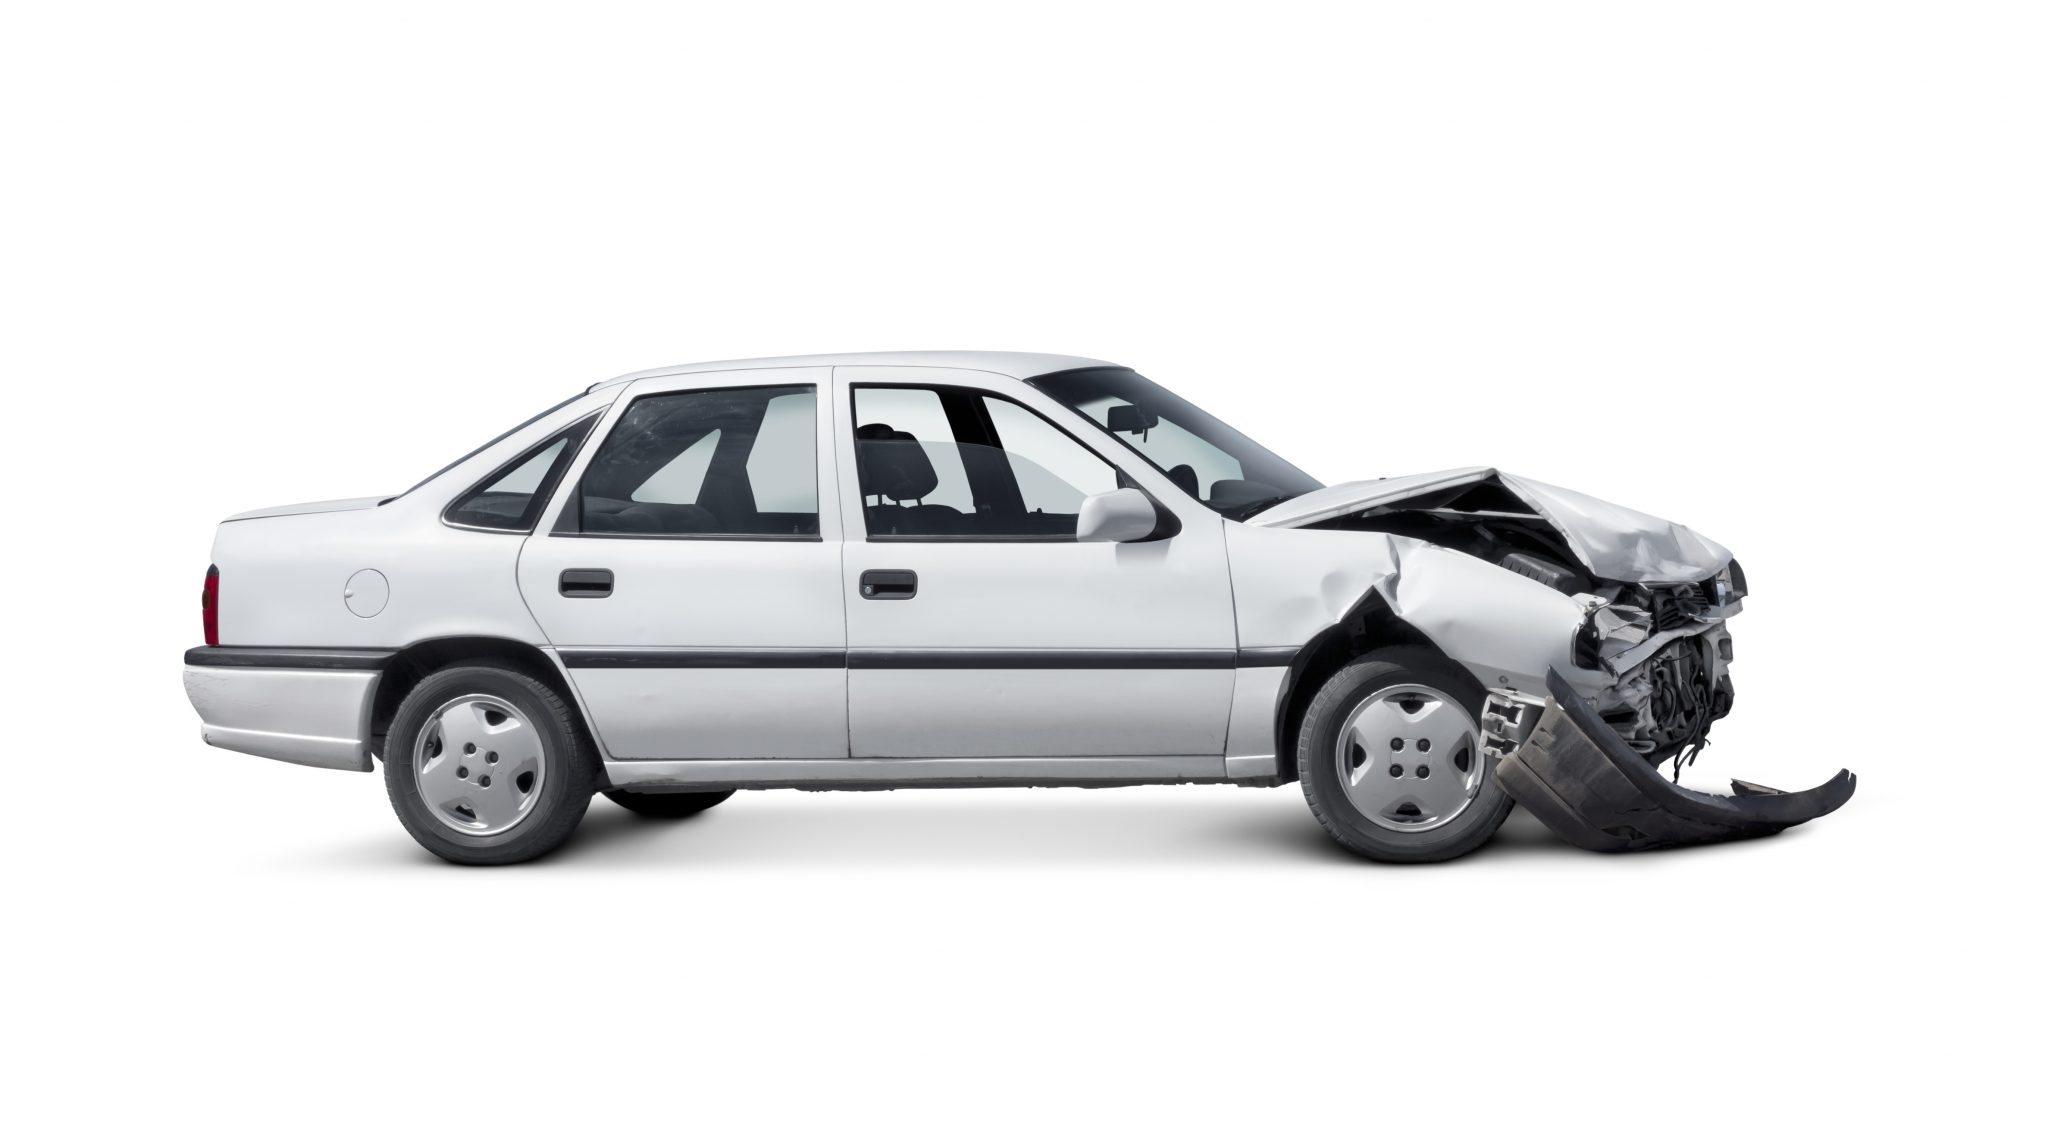 White and damaged sedan car isolated on white background.